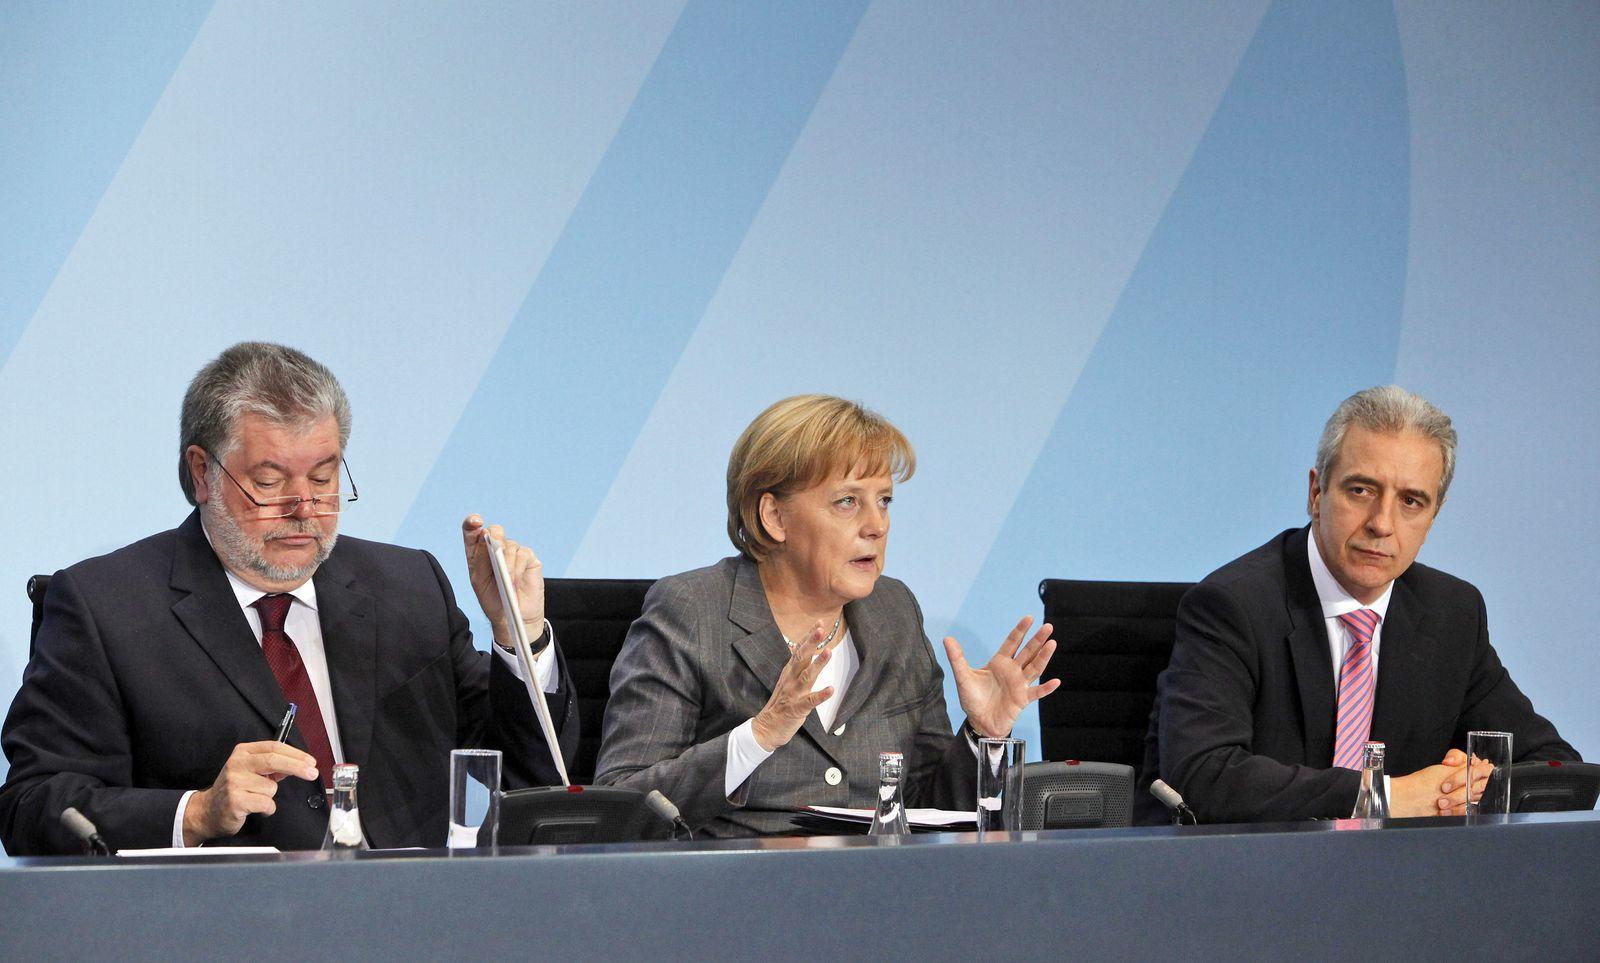 Merkel / Tillich